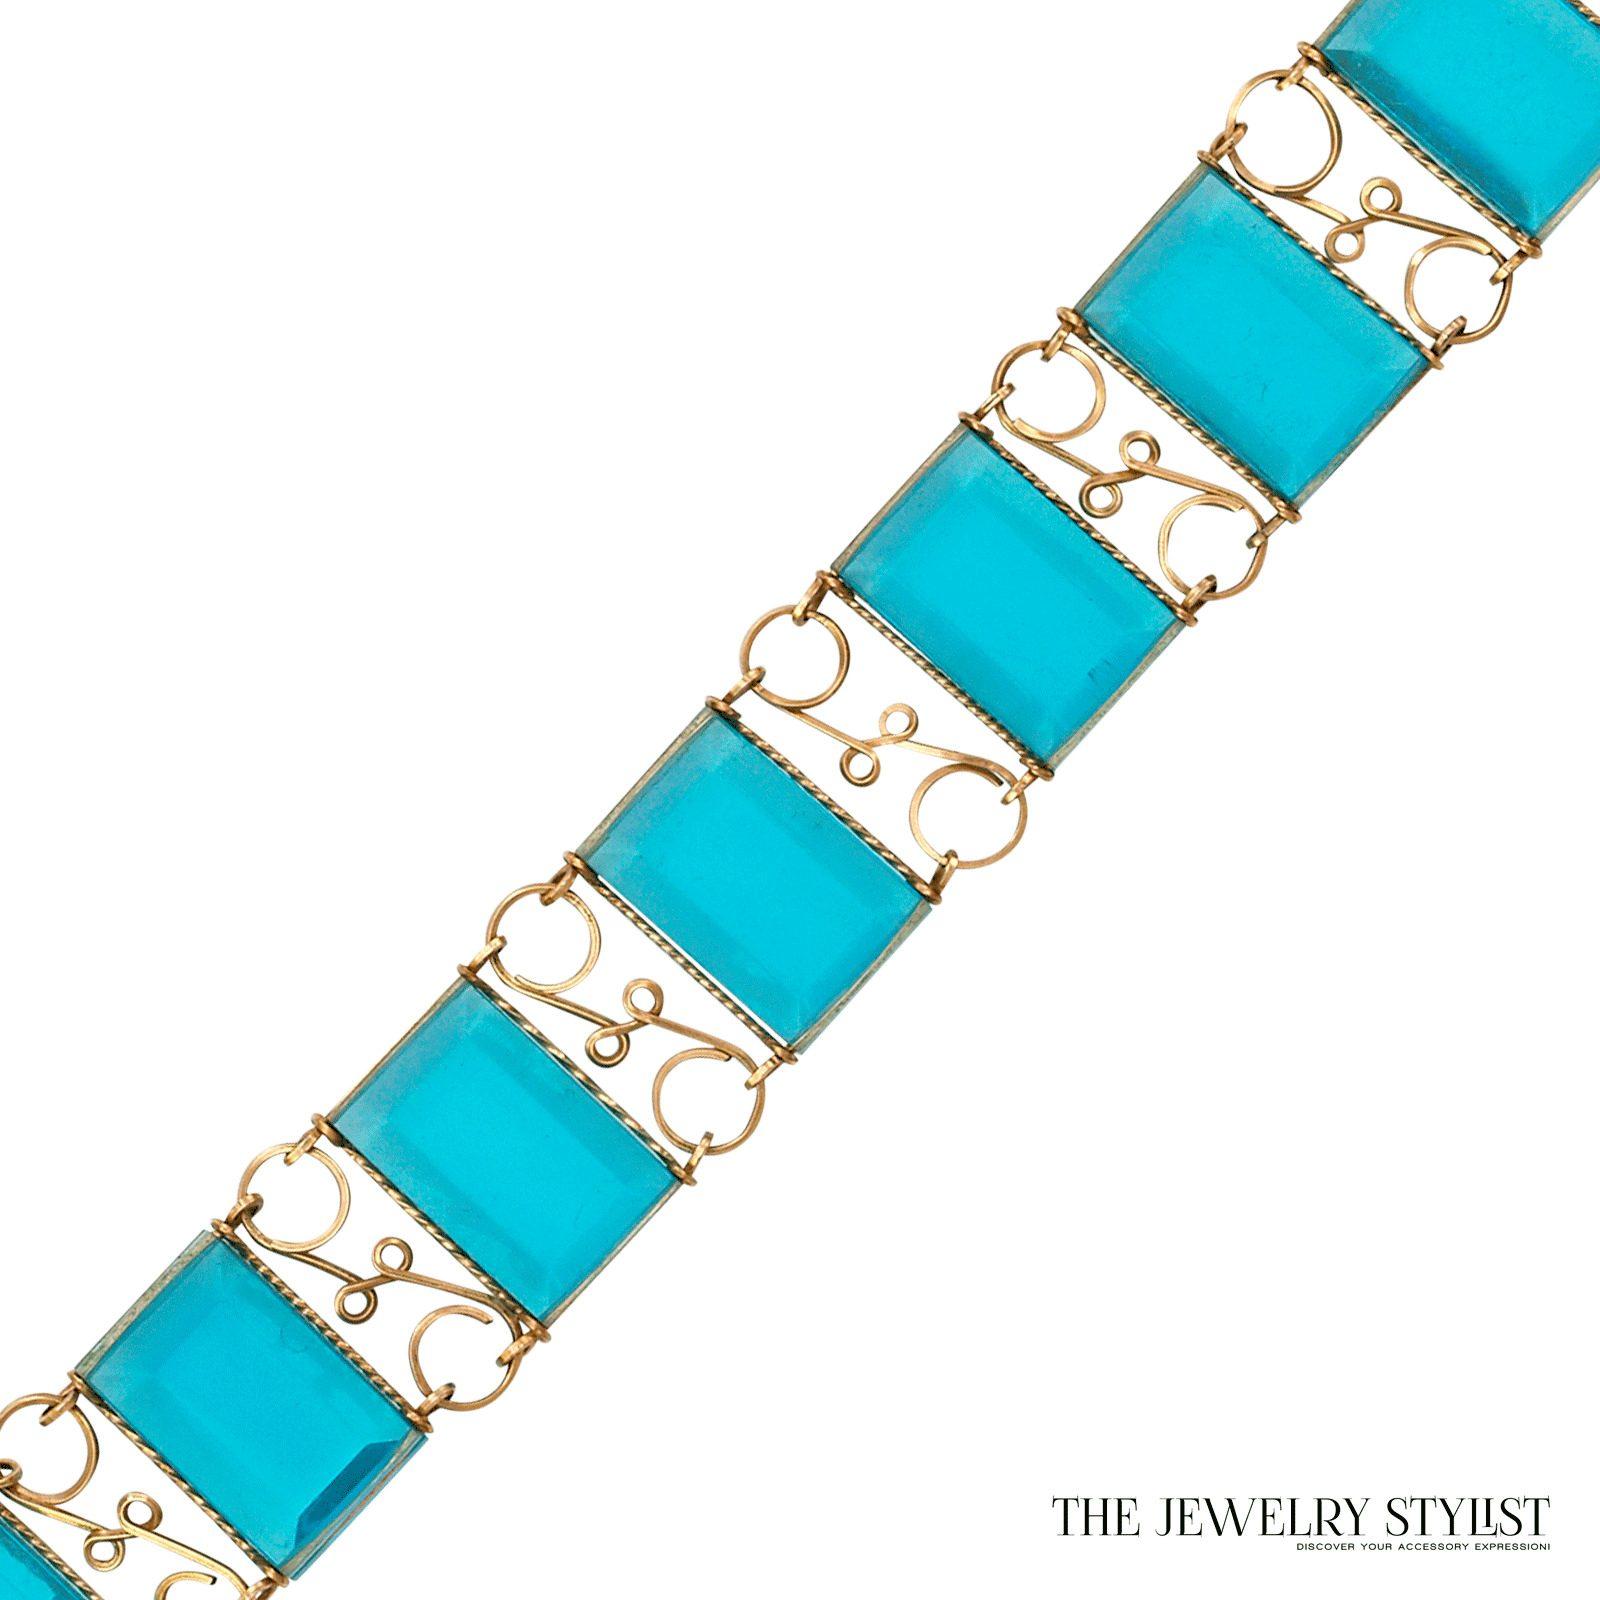 Vintage Faceted Resin Hand-Wired Link Bracelet Back